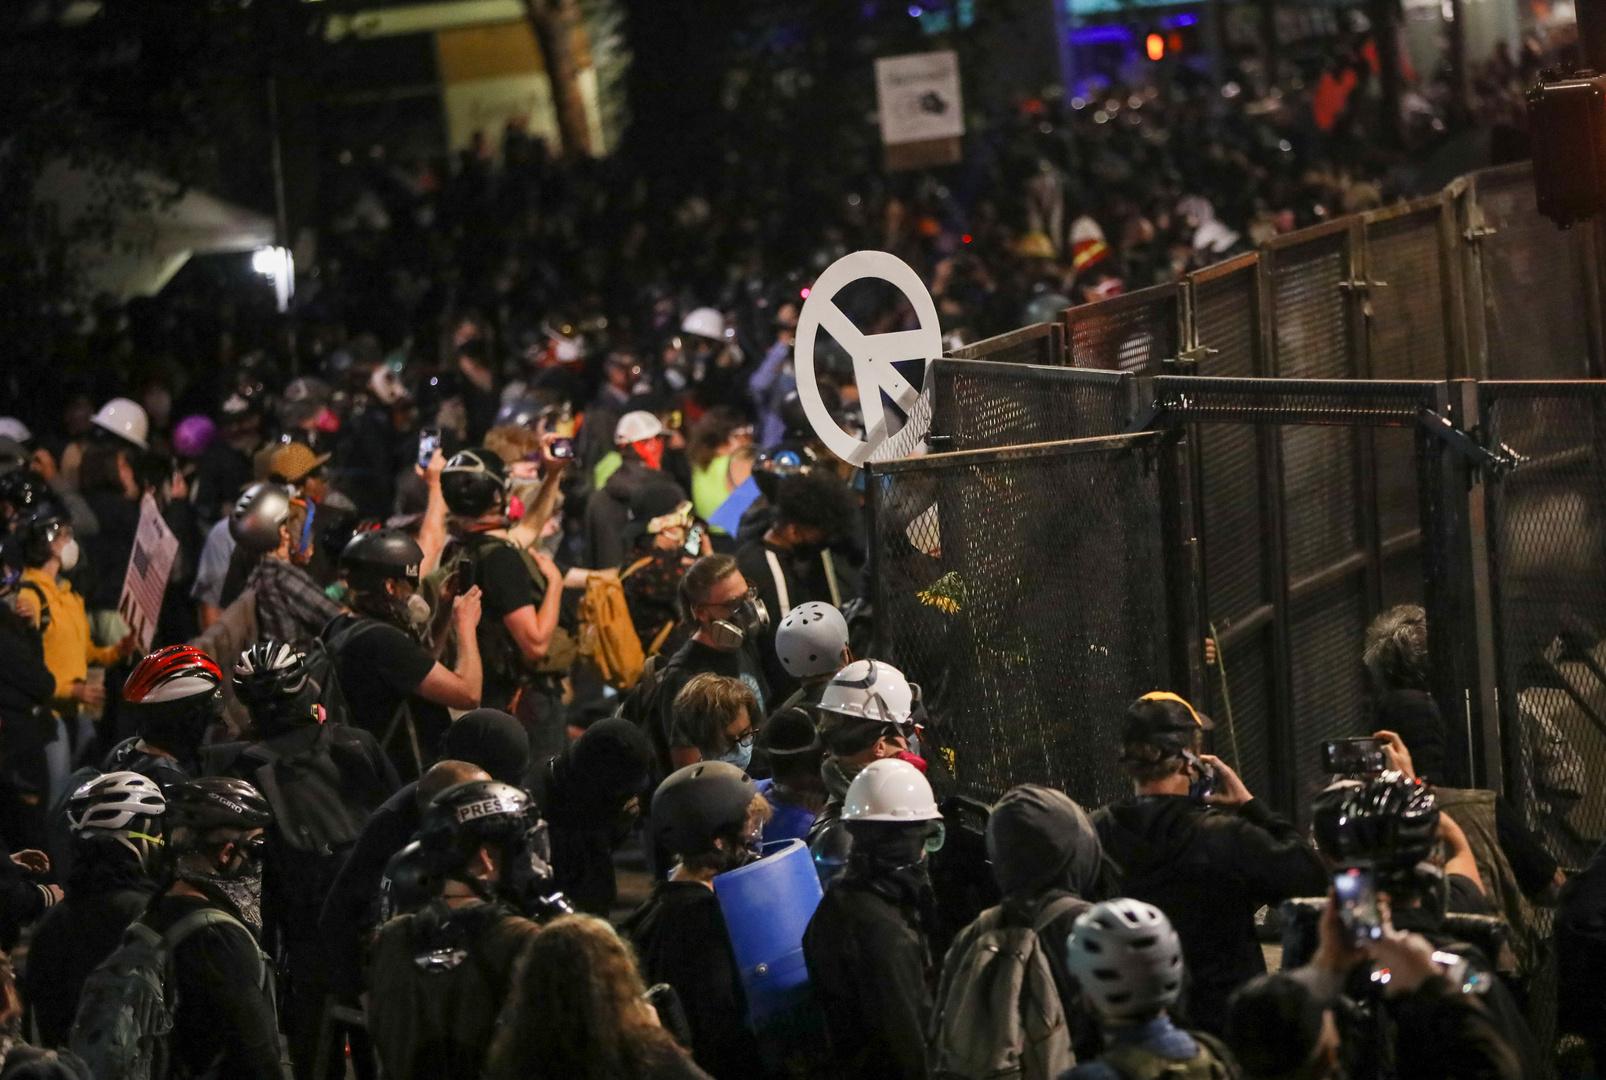 شاهد.. عمدة بورتلاند الأمريكية بين المتظاهرين لحظة استخدام الغاز المسيل للدموع ضدهم